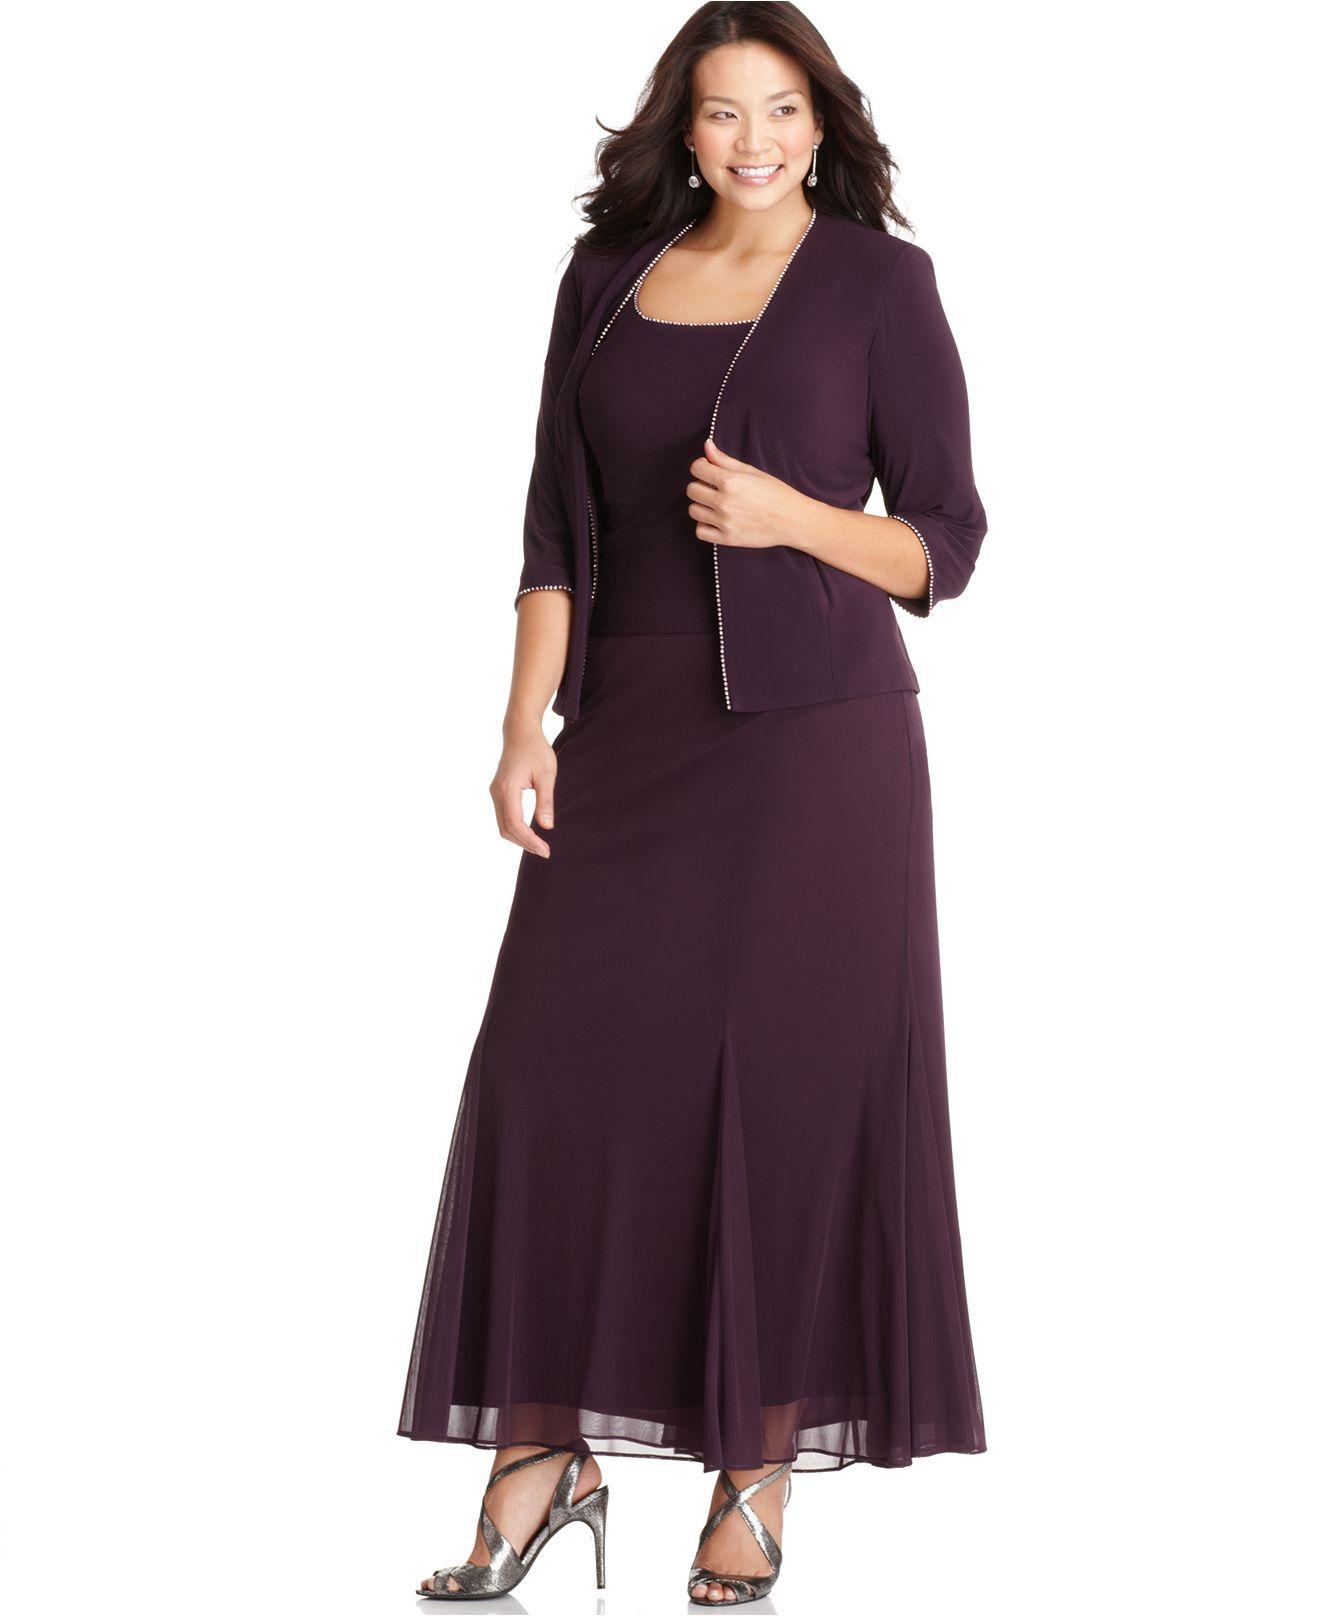 Alex Evenings Plus Size Dress And Jacket, Rhinestone Trim